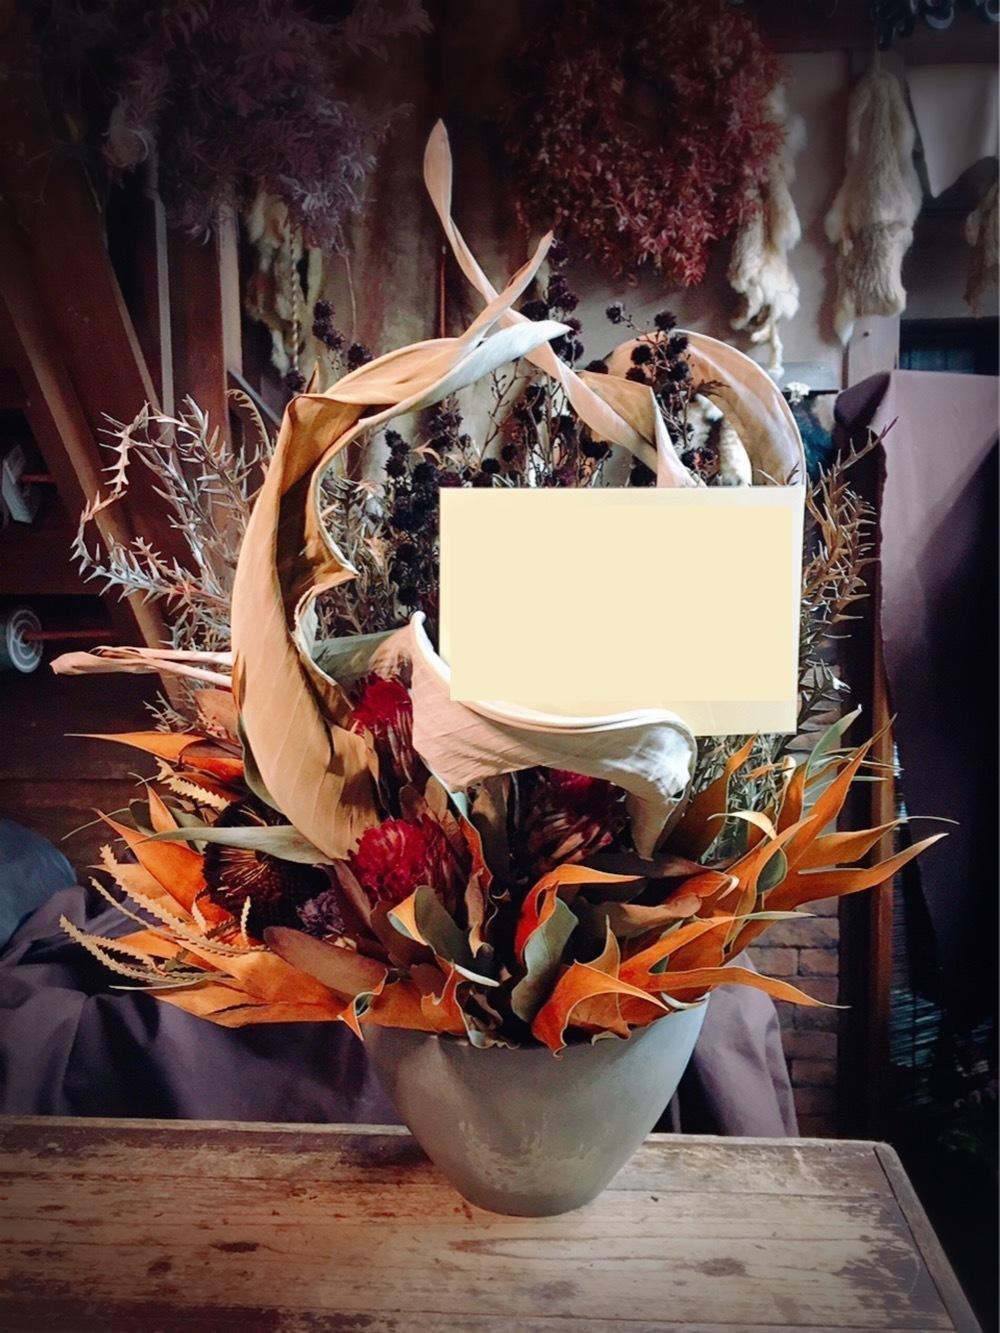 和の雰囲気の美容室 ドライフラワーのご開店祝い花